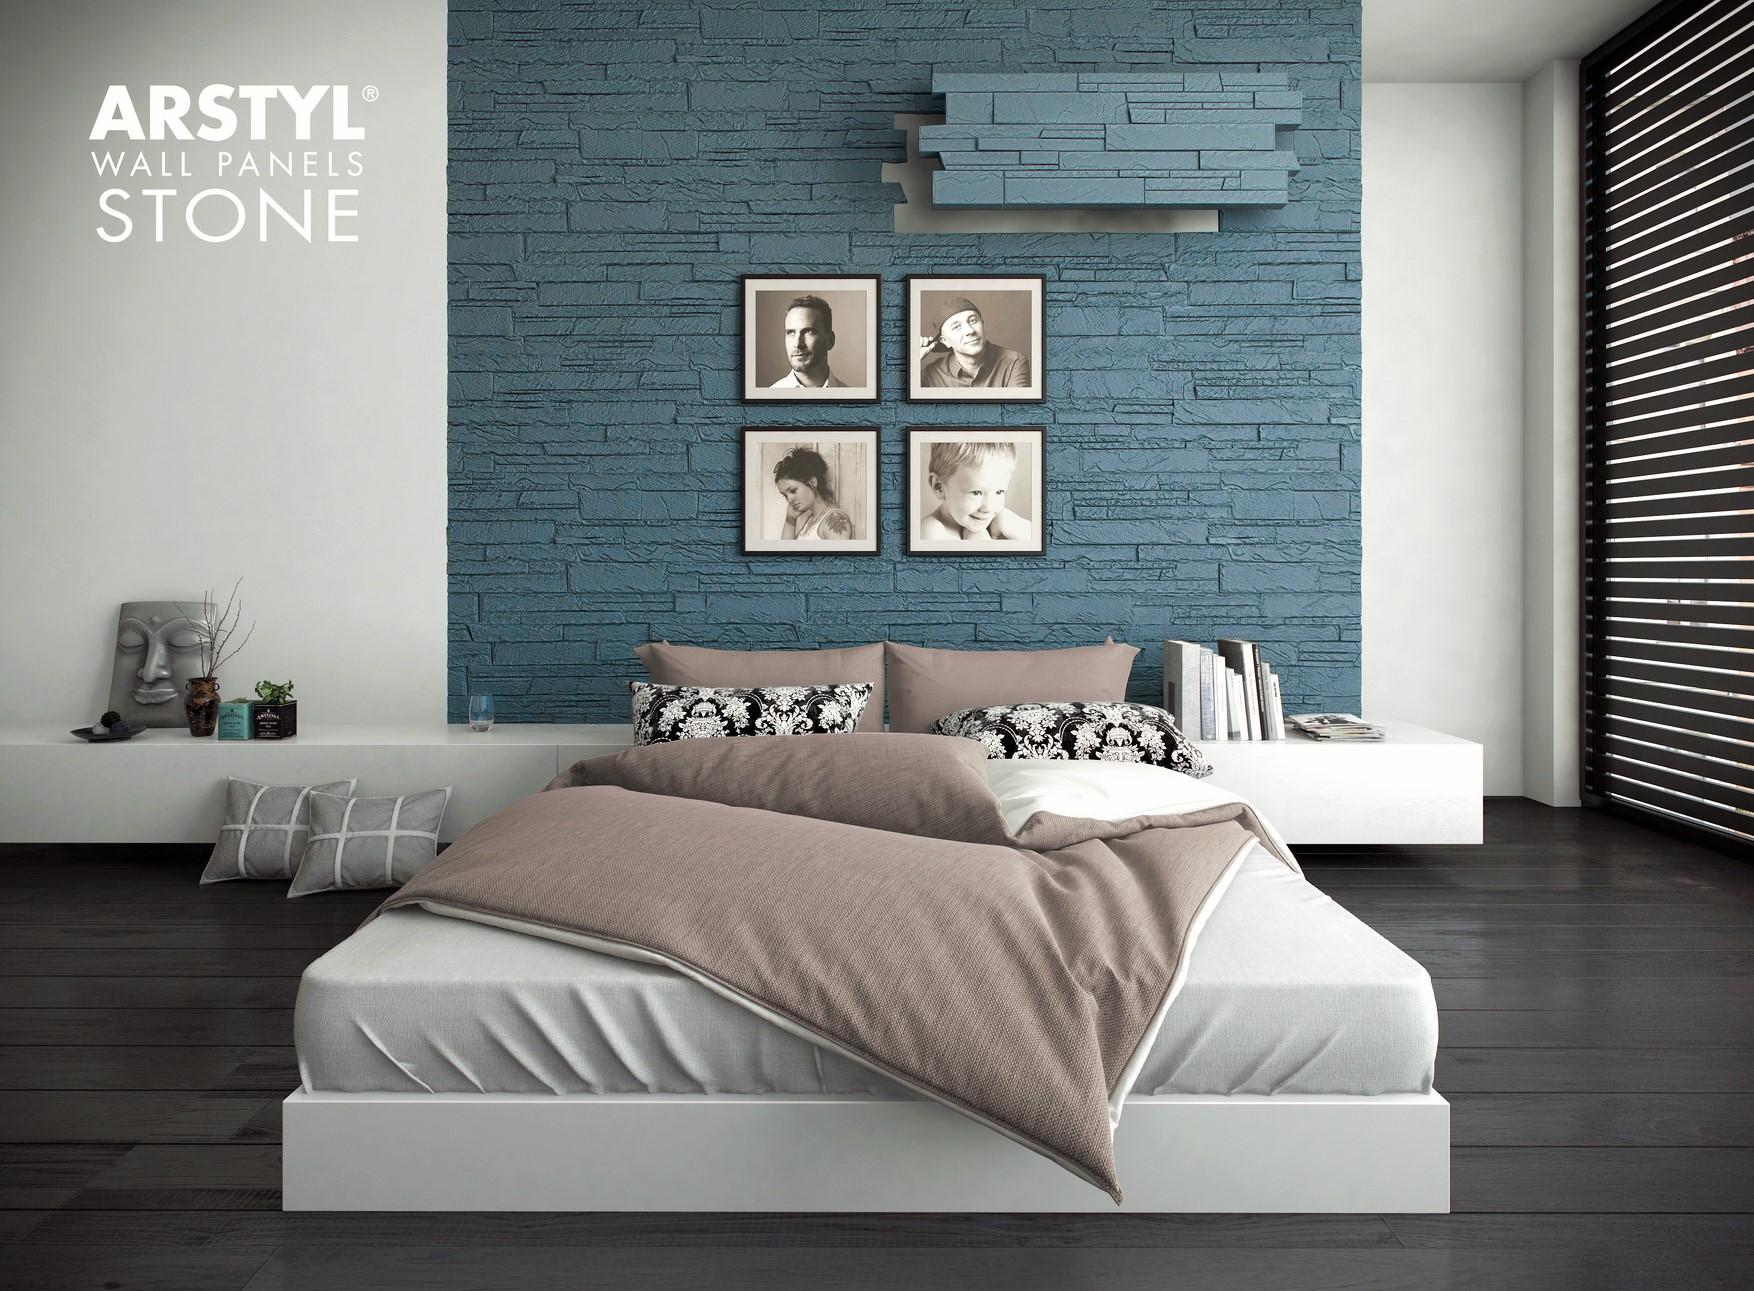 Pannello decorativo 3d wall stone in offerta - Pannelli decorativi murali ...